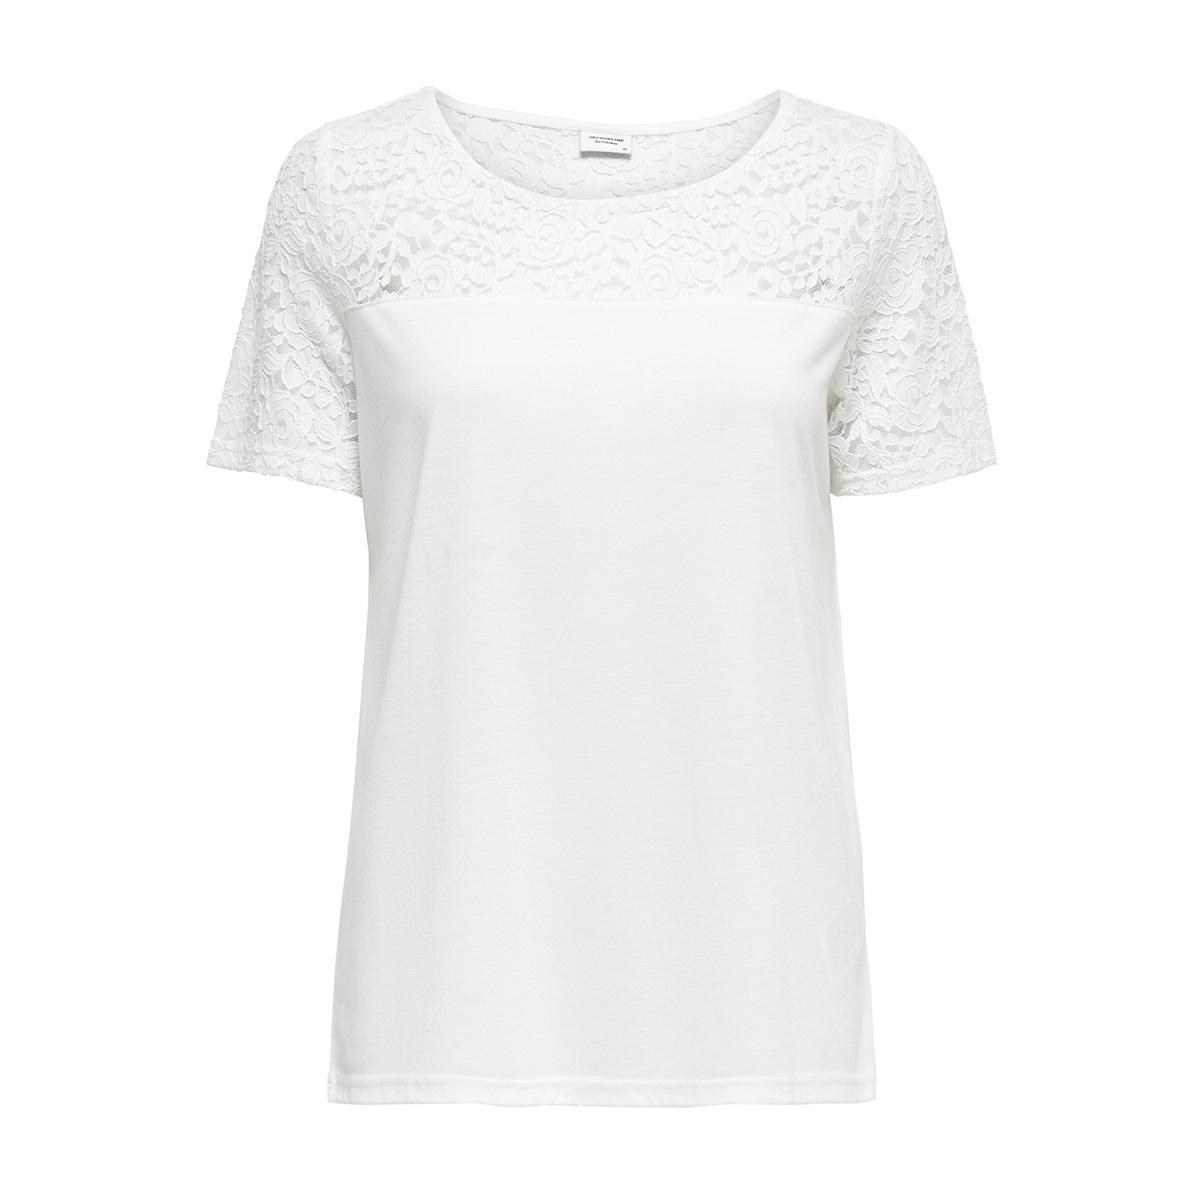 jdykimmie s/s top jrs 15161149 jacqueline de yong t-shirt cloud dancer/dtm lace